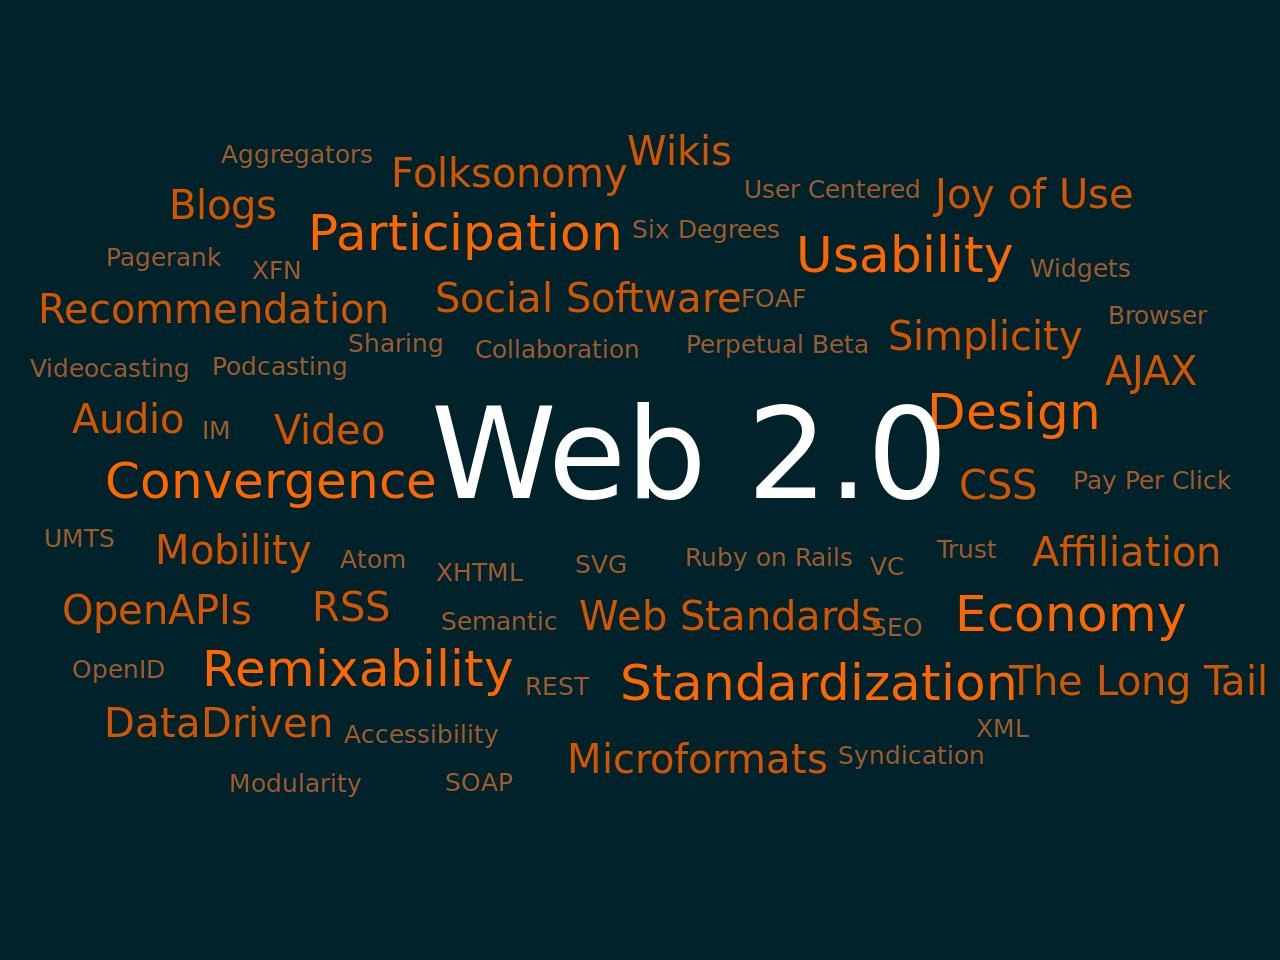 Web 2.0 GAR - 5 High PR Web 2.0 Properties- Unique article - Images - Social Signals - Tier 2